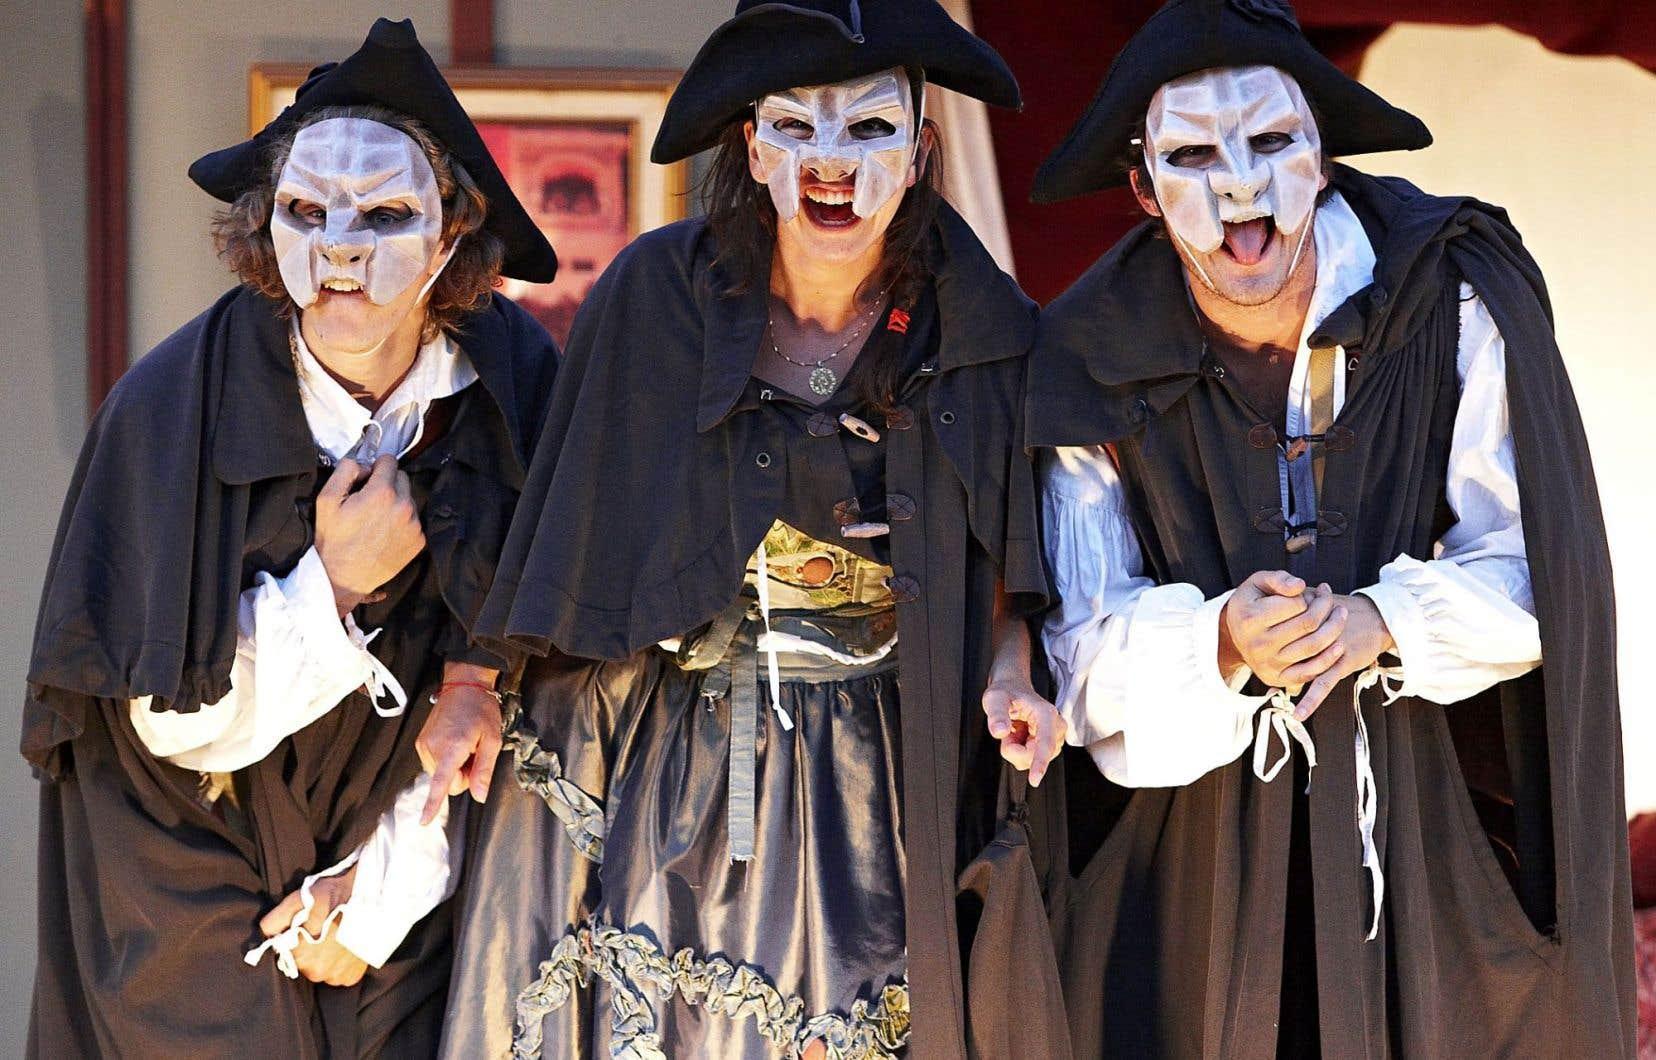 Le professionnalisme des comédiens, leur jeu franc, solide et très physique, permet une représentation brillante et riche, un théâtre qui reprend avec finesse ici les traits de la commedia dell'arte.